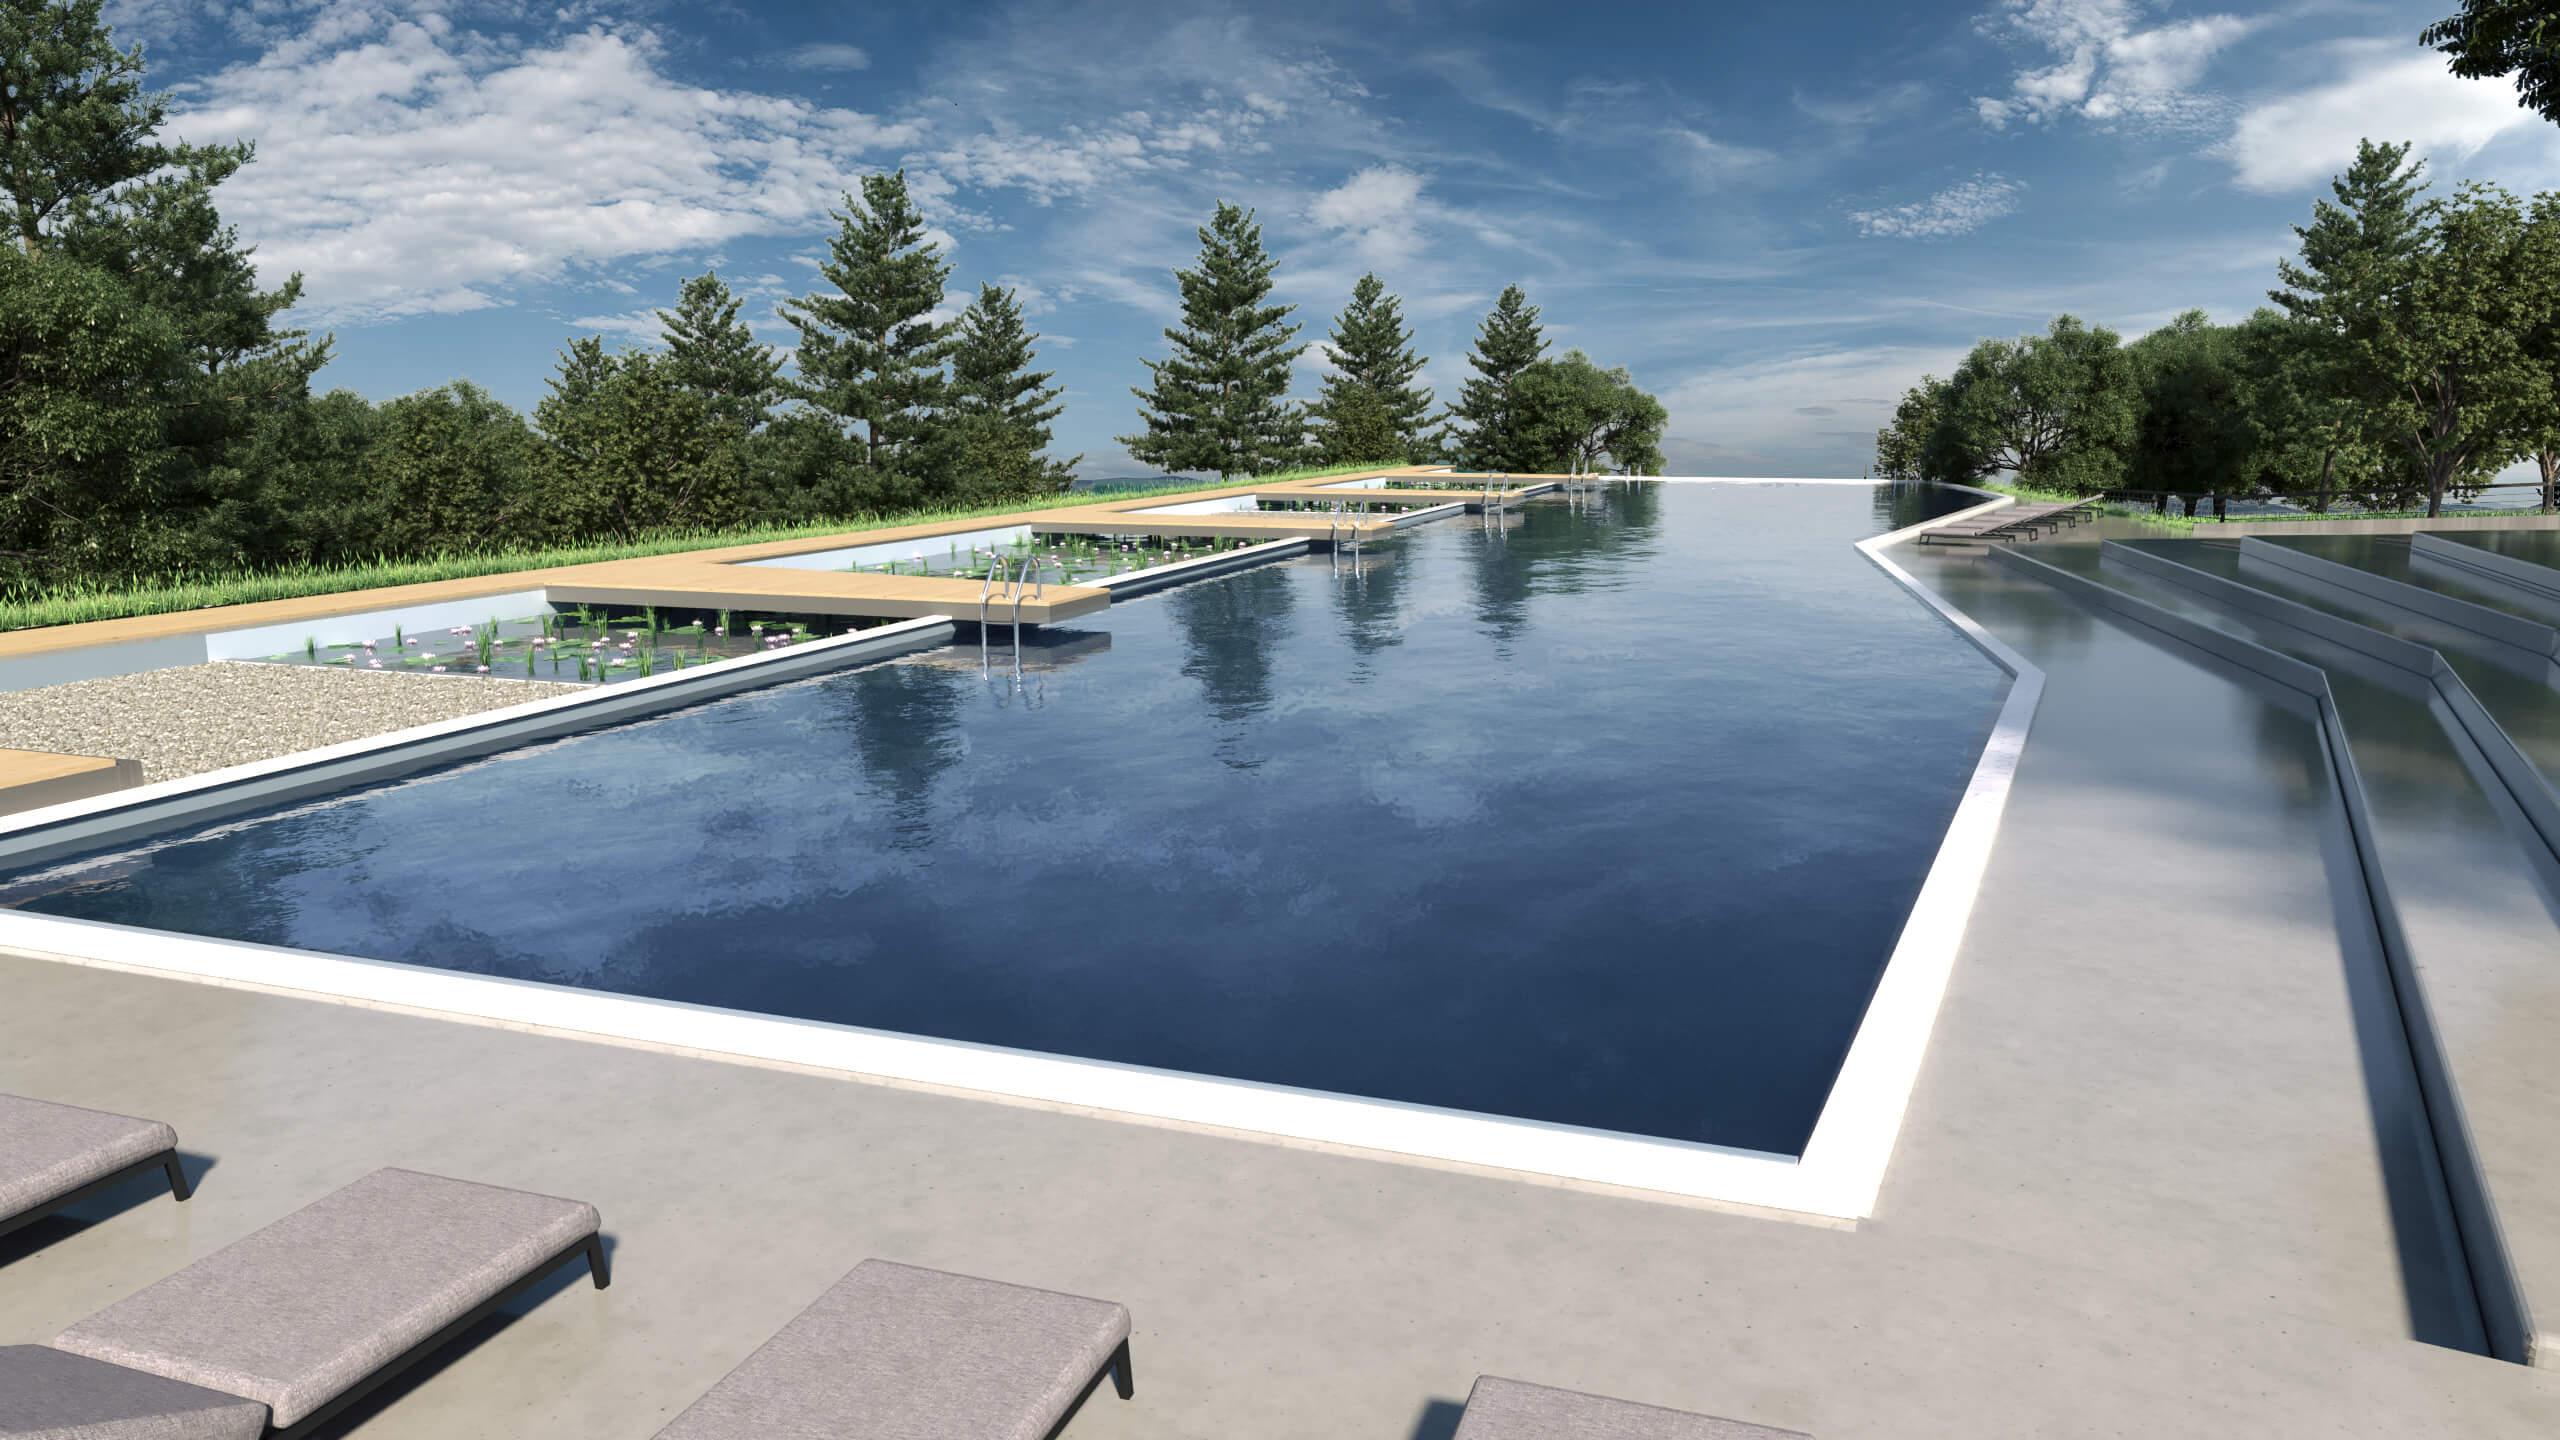 Počinje gradnja biološkog bazena, prvog takvog javnog objekta u Hrvatskoj